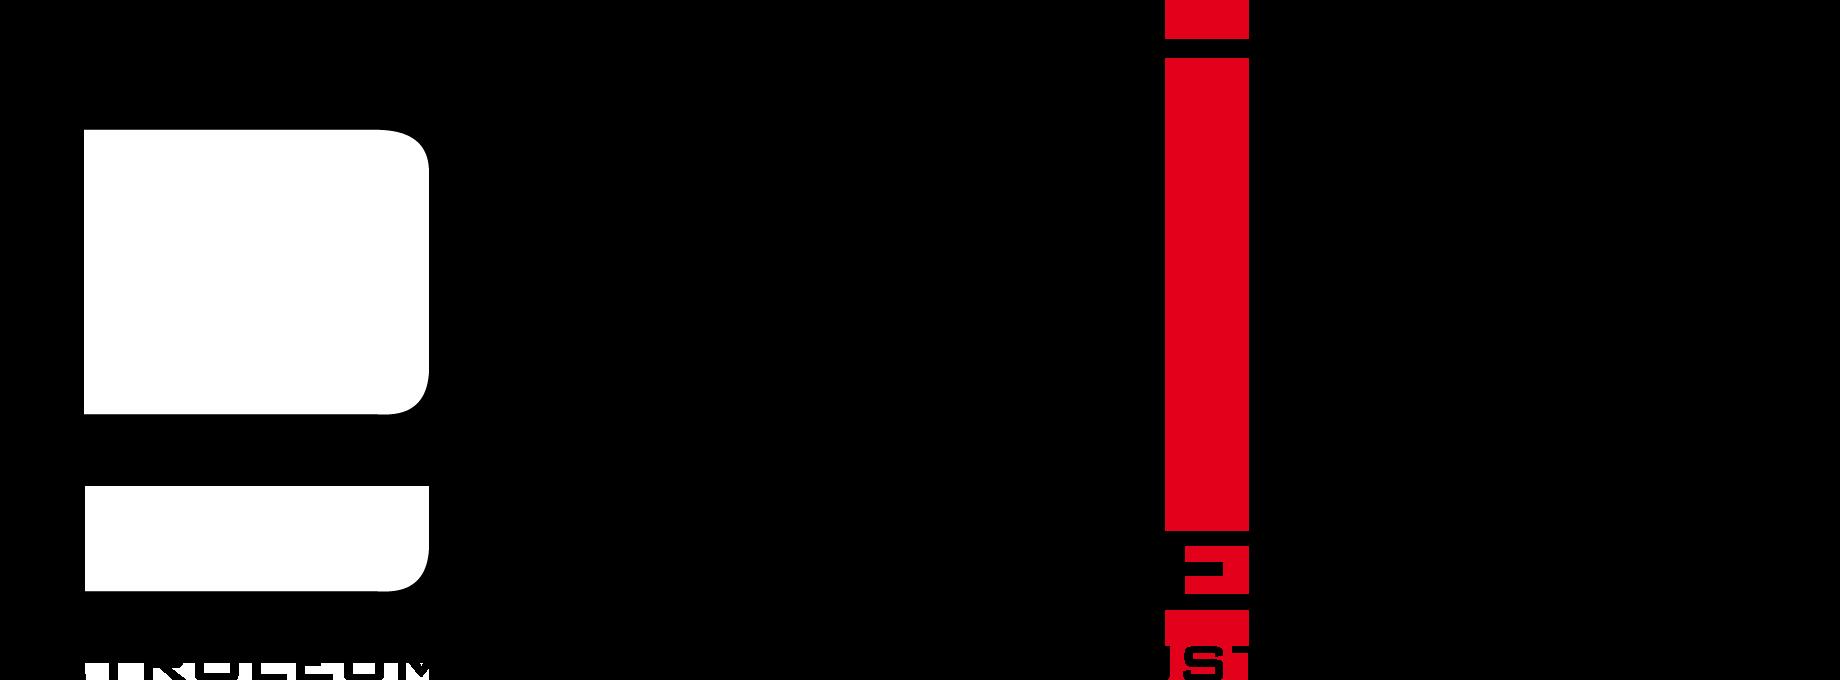 PCIC-europe_logo